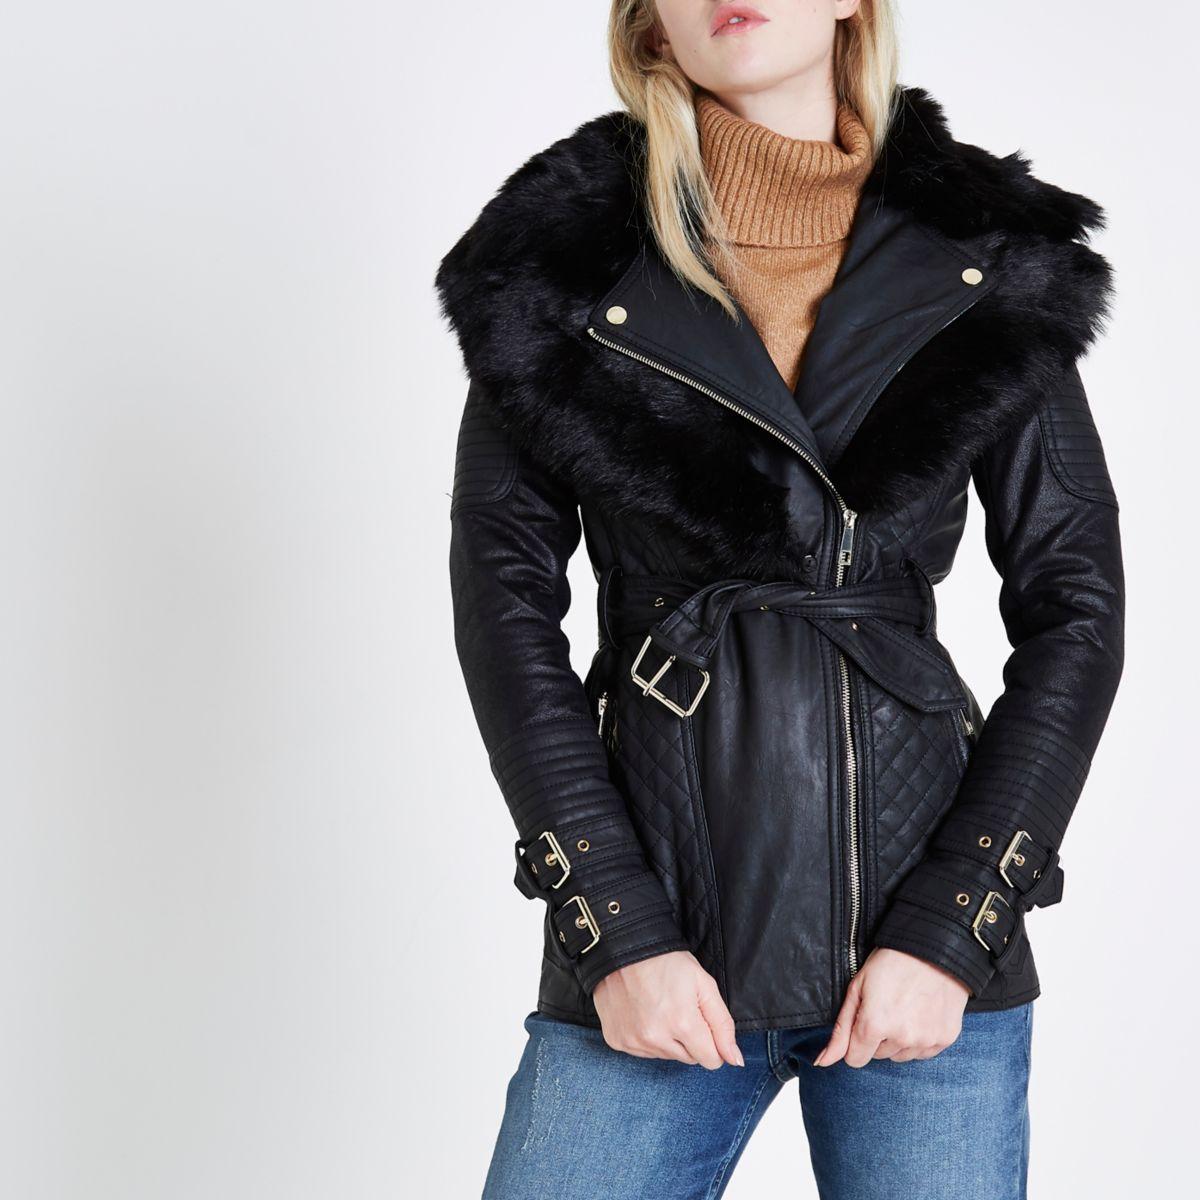 Schwarzer Mantel mit Gürtel